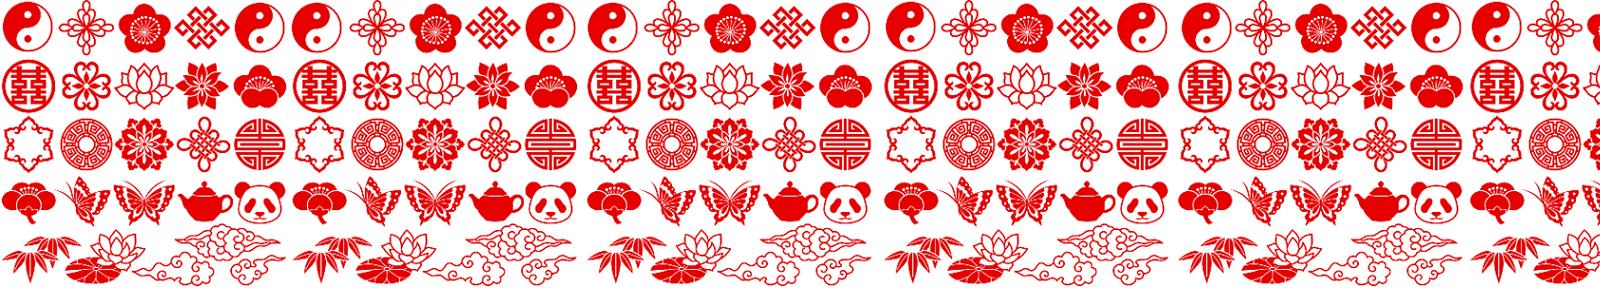 英語と中国語を勉強する人の為にお奨め教材や評判口コミと調査結果のランキングを主にご紹介